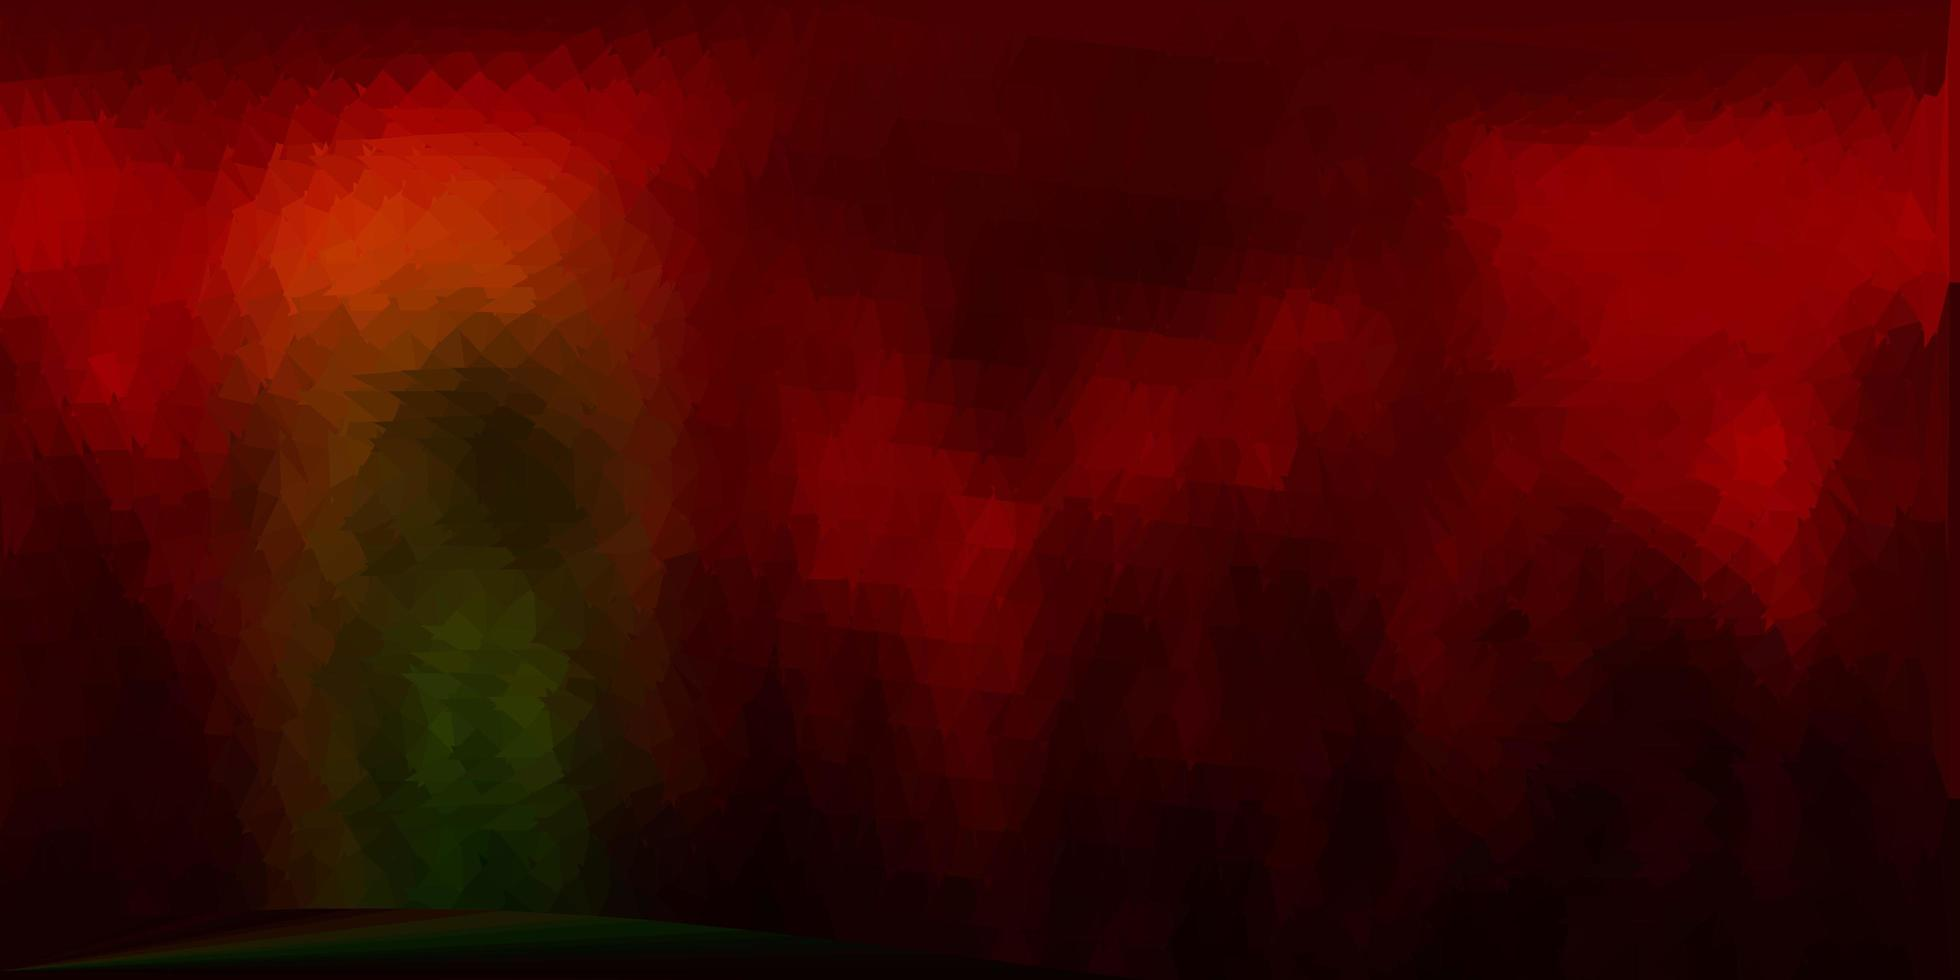 fundo do triângulo abstrato do vetor verde escuro e vermelho.